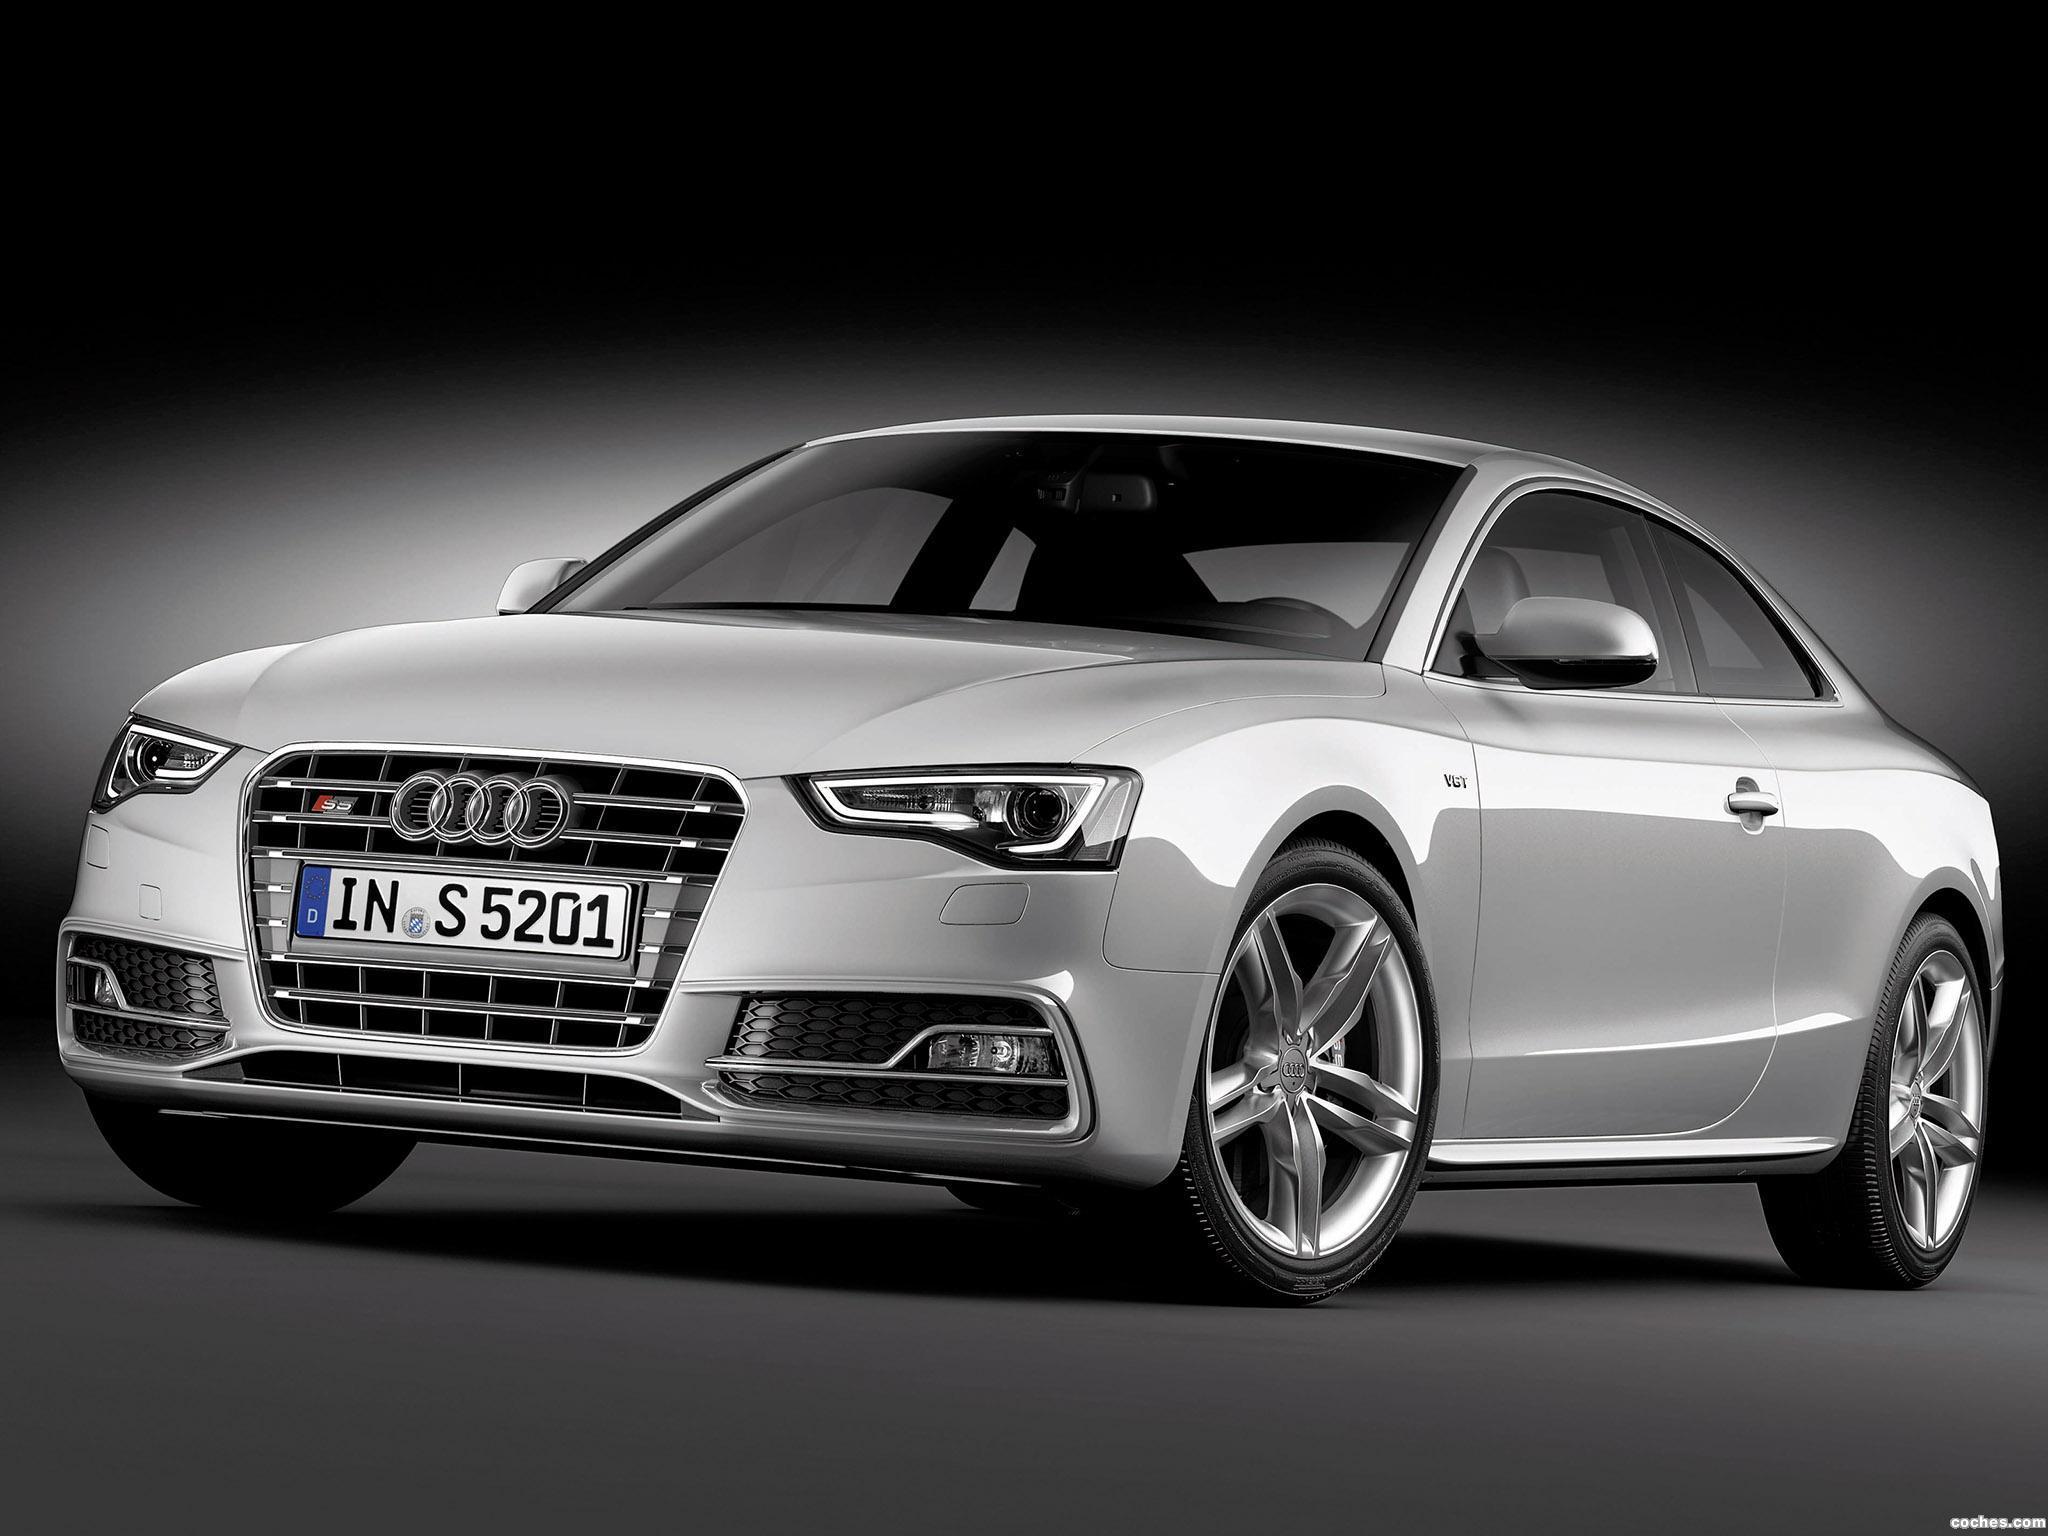 Foto 0 de Audi S5 Coupe 2011